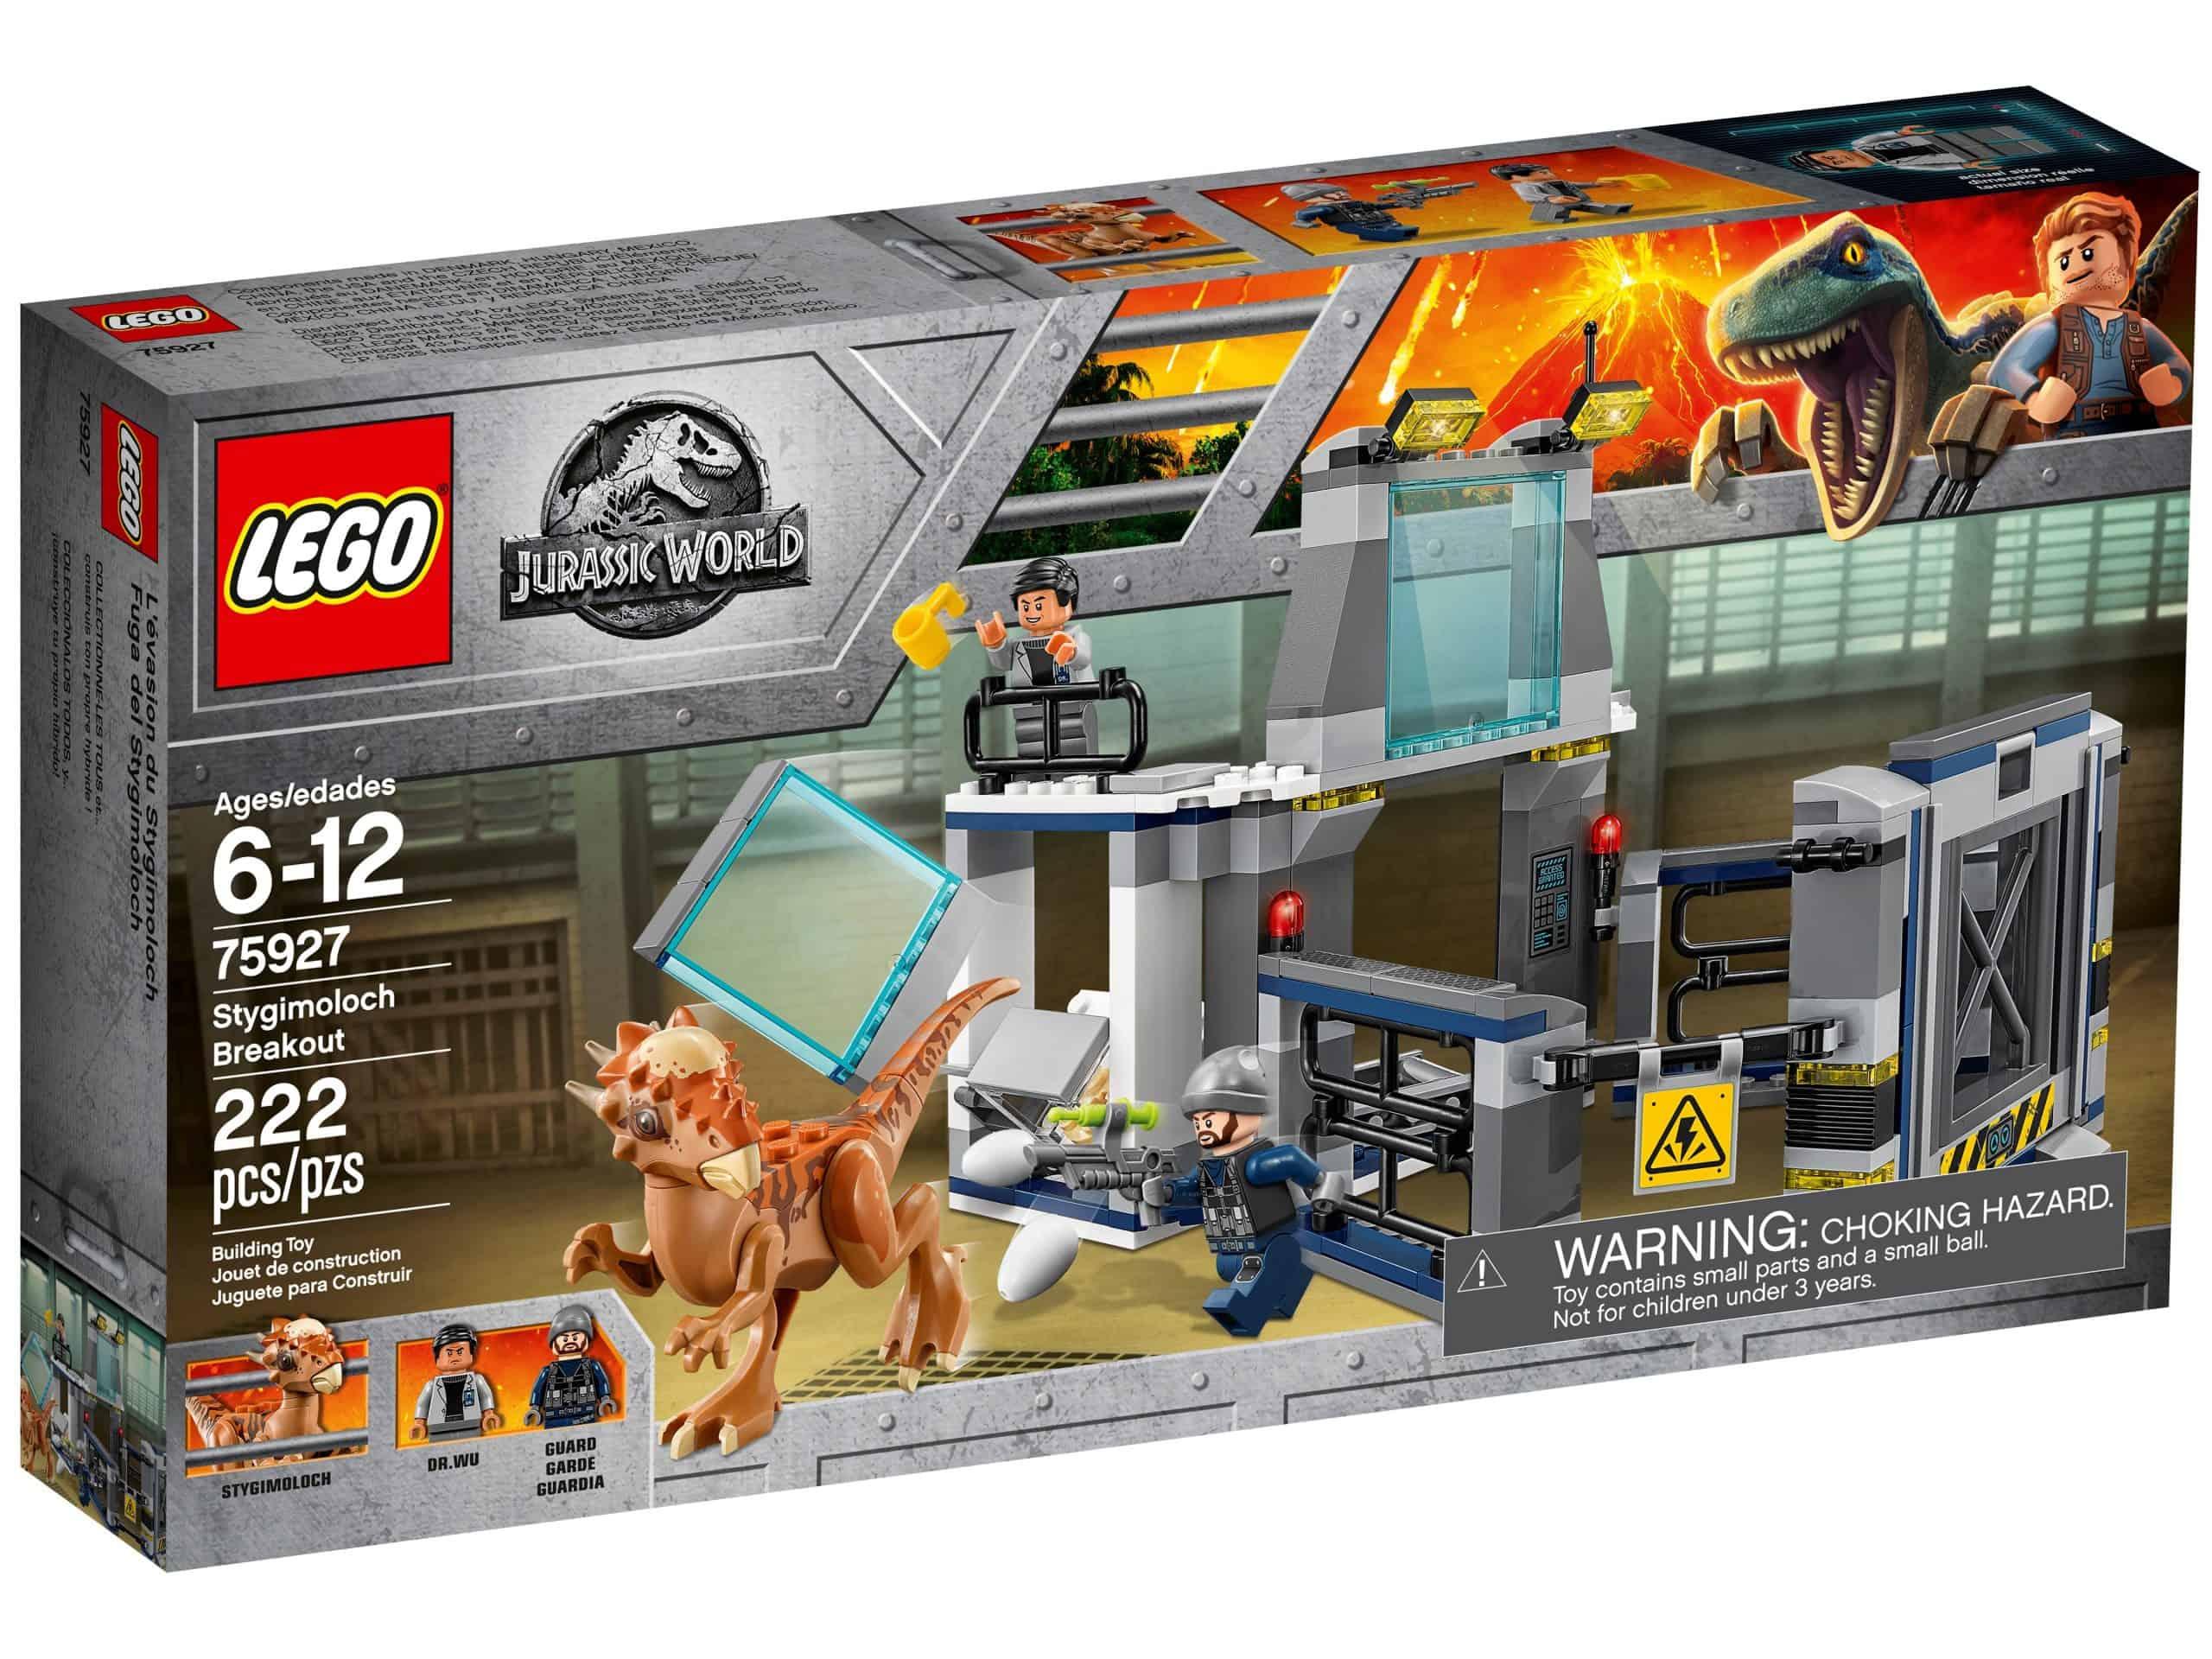 lego 75927 ausbruch des stygimoloch scaled